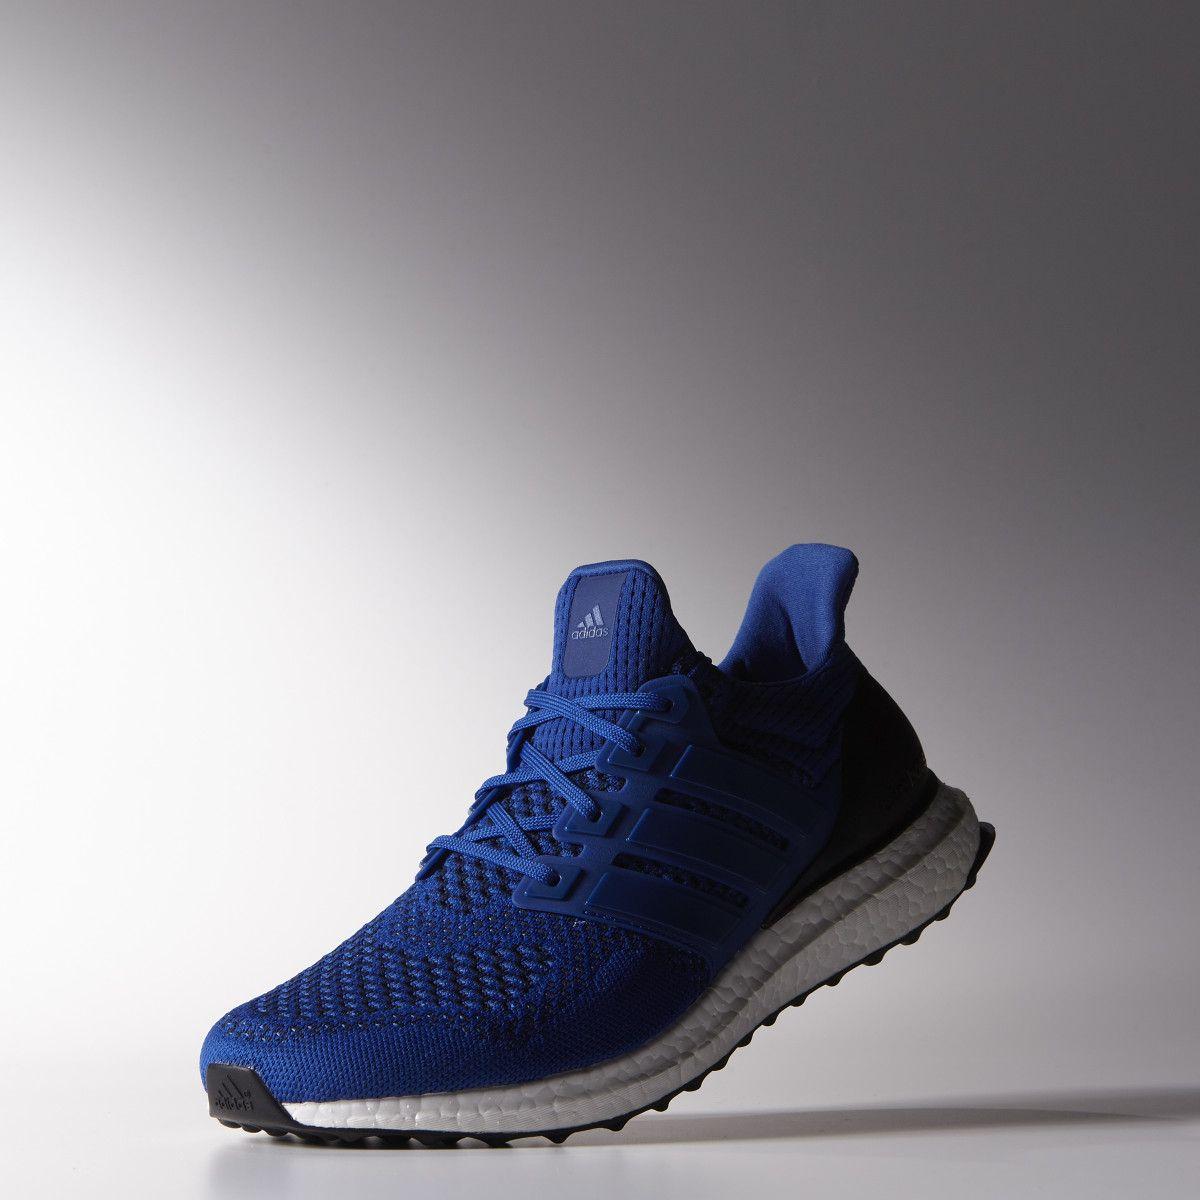 Blau Marine Favorit Adidas Ultra Yeezy Boost